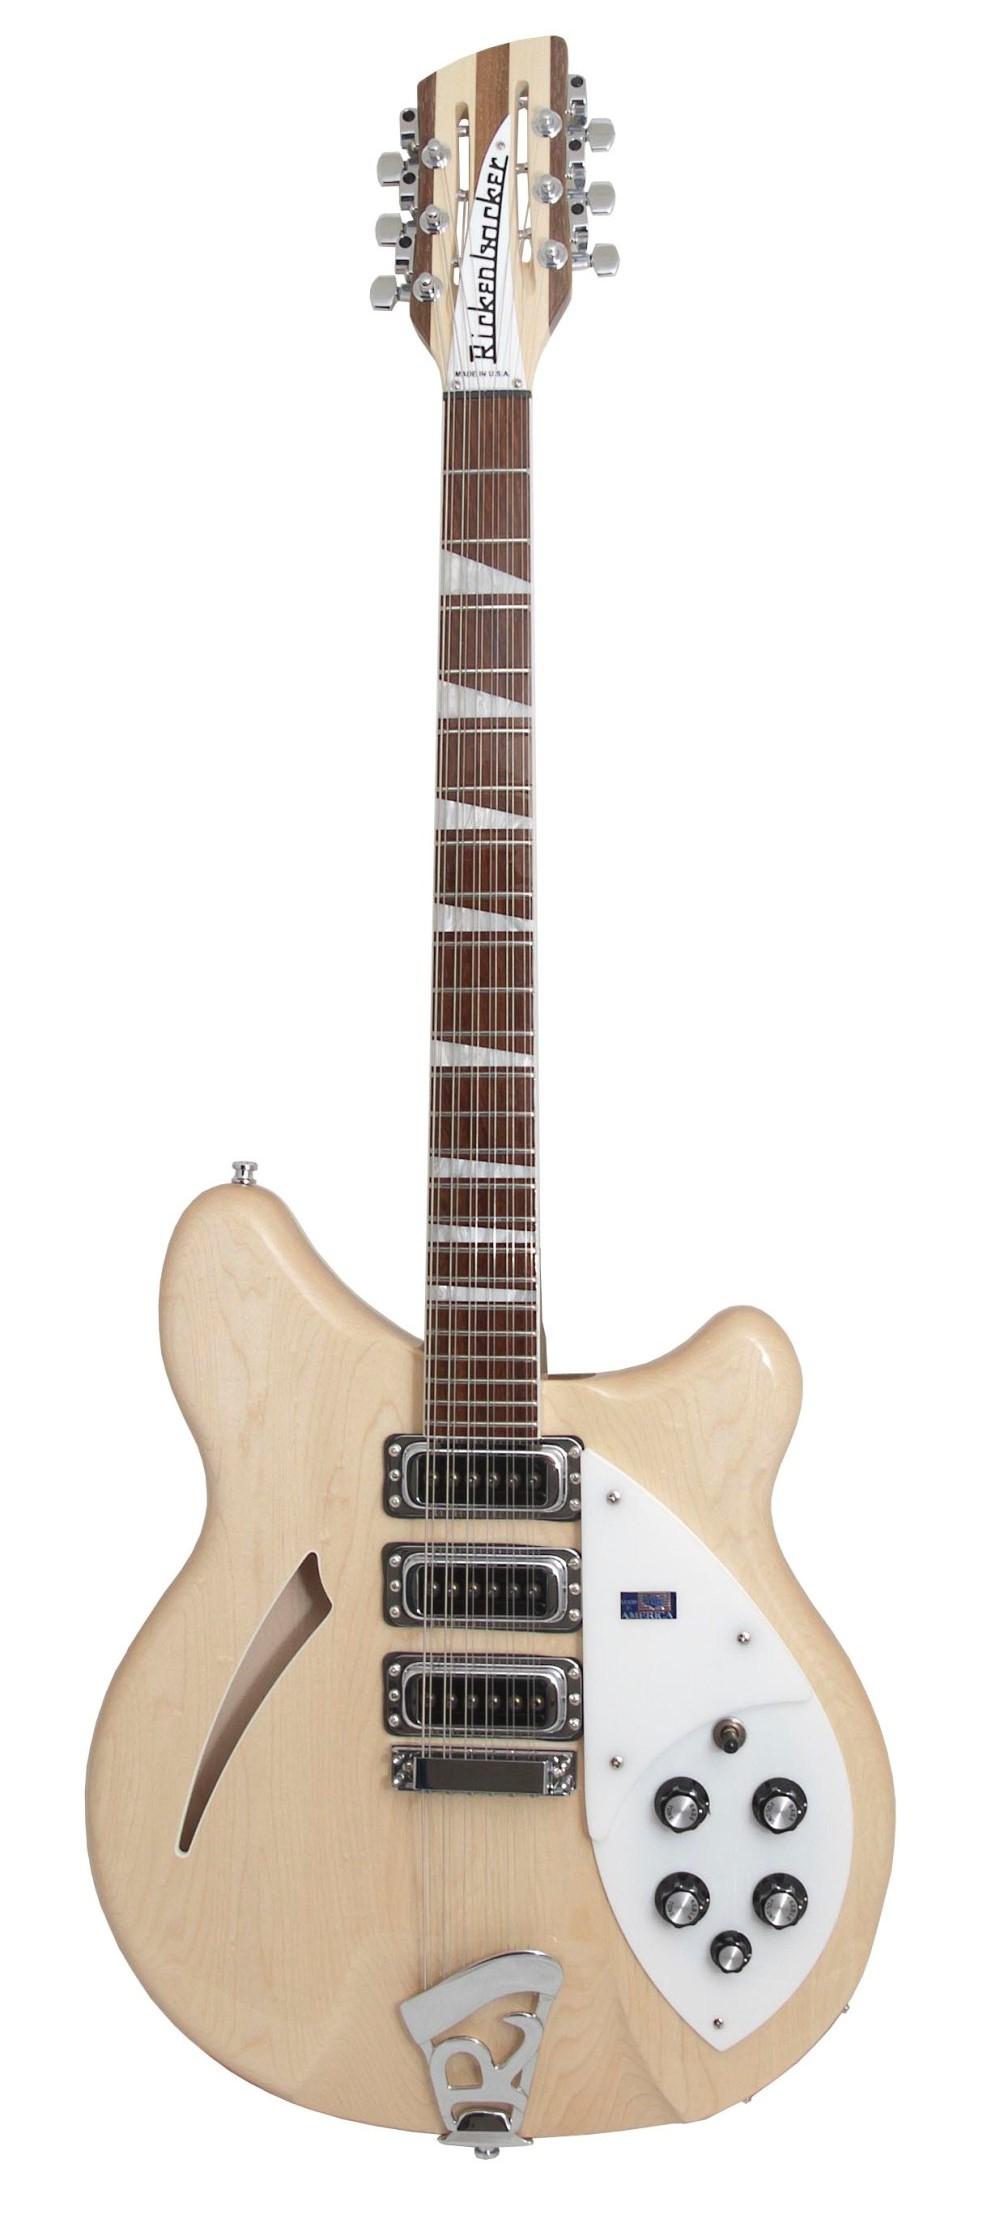 electric guitars bass guitars buy electric guitar packages gibson fender ibanez. Black Bedroom Furniture Sets. Home Design Ideas